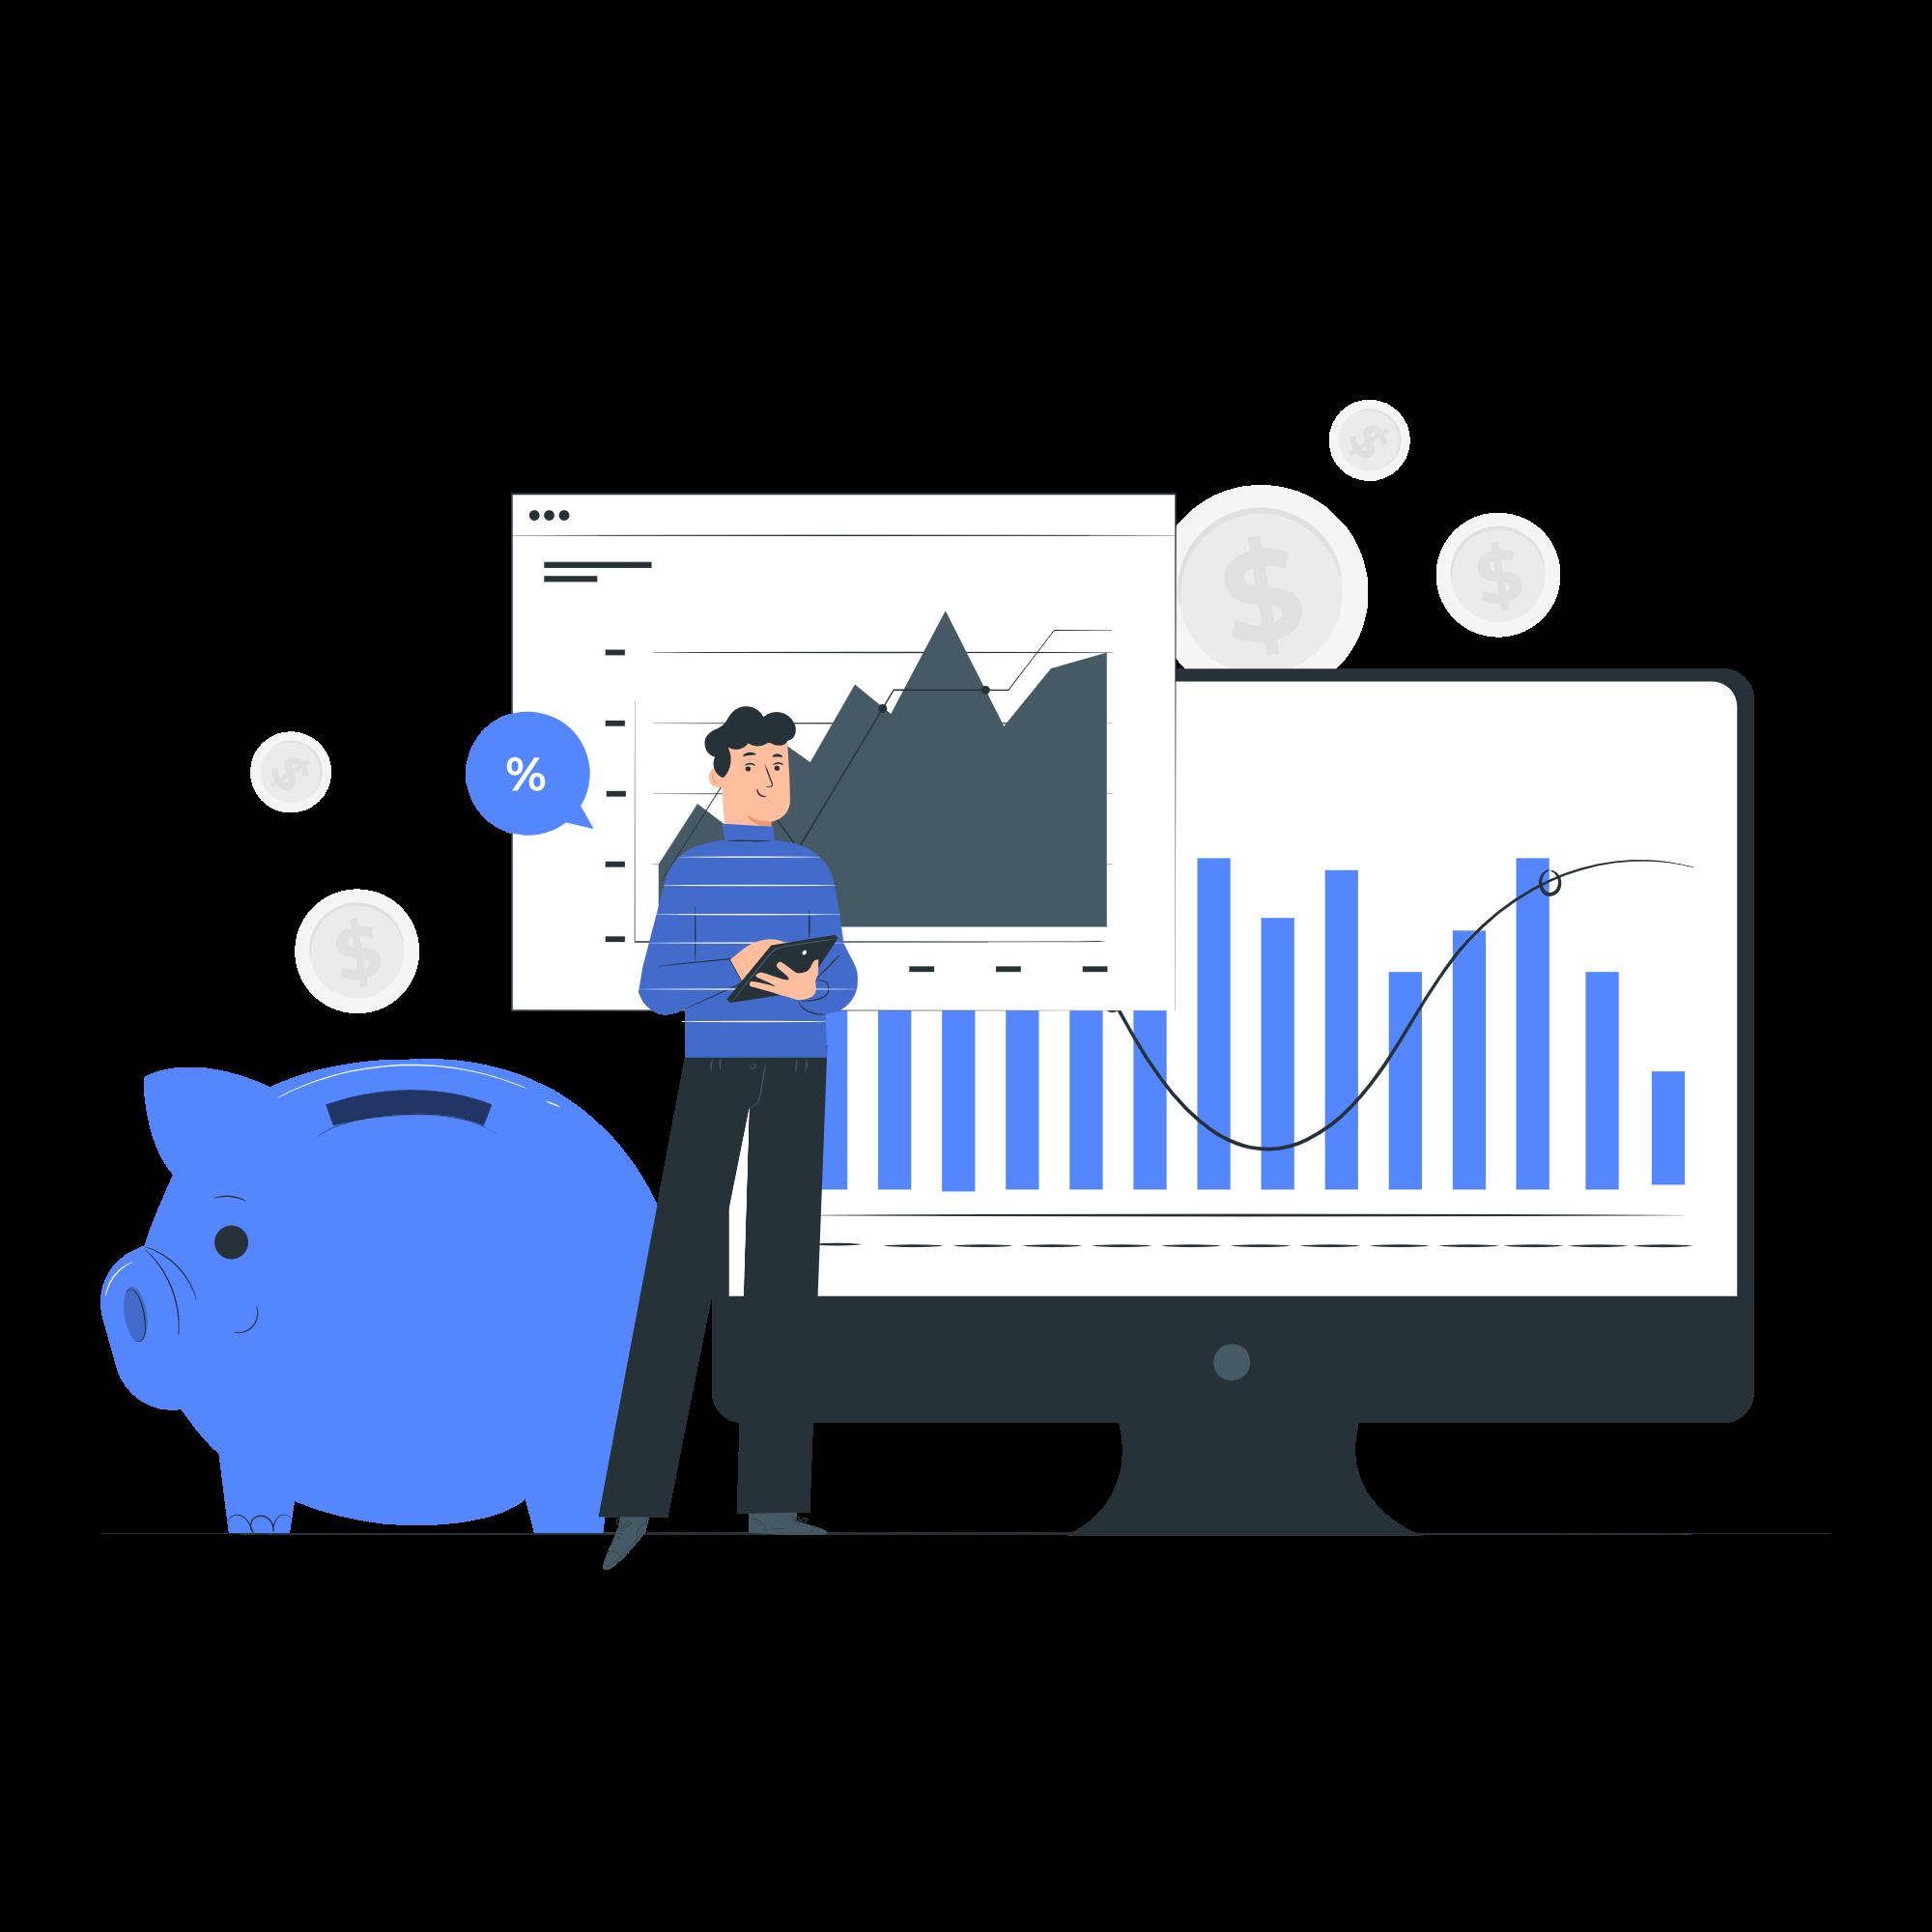 Control financiero para empresas: 4 acciones para una buena salud financiera